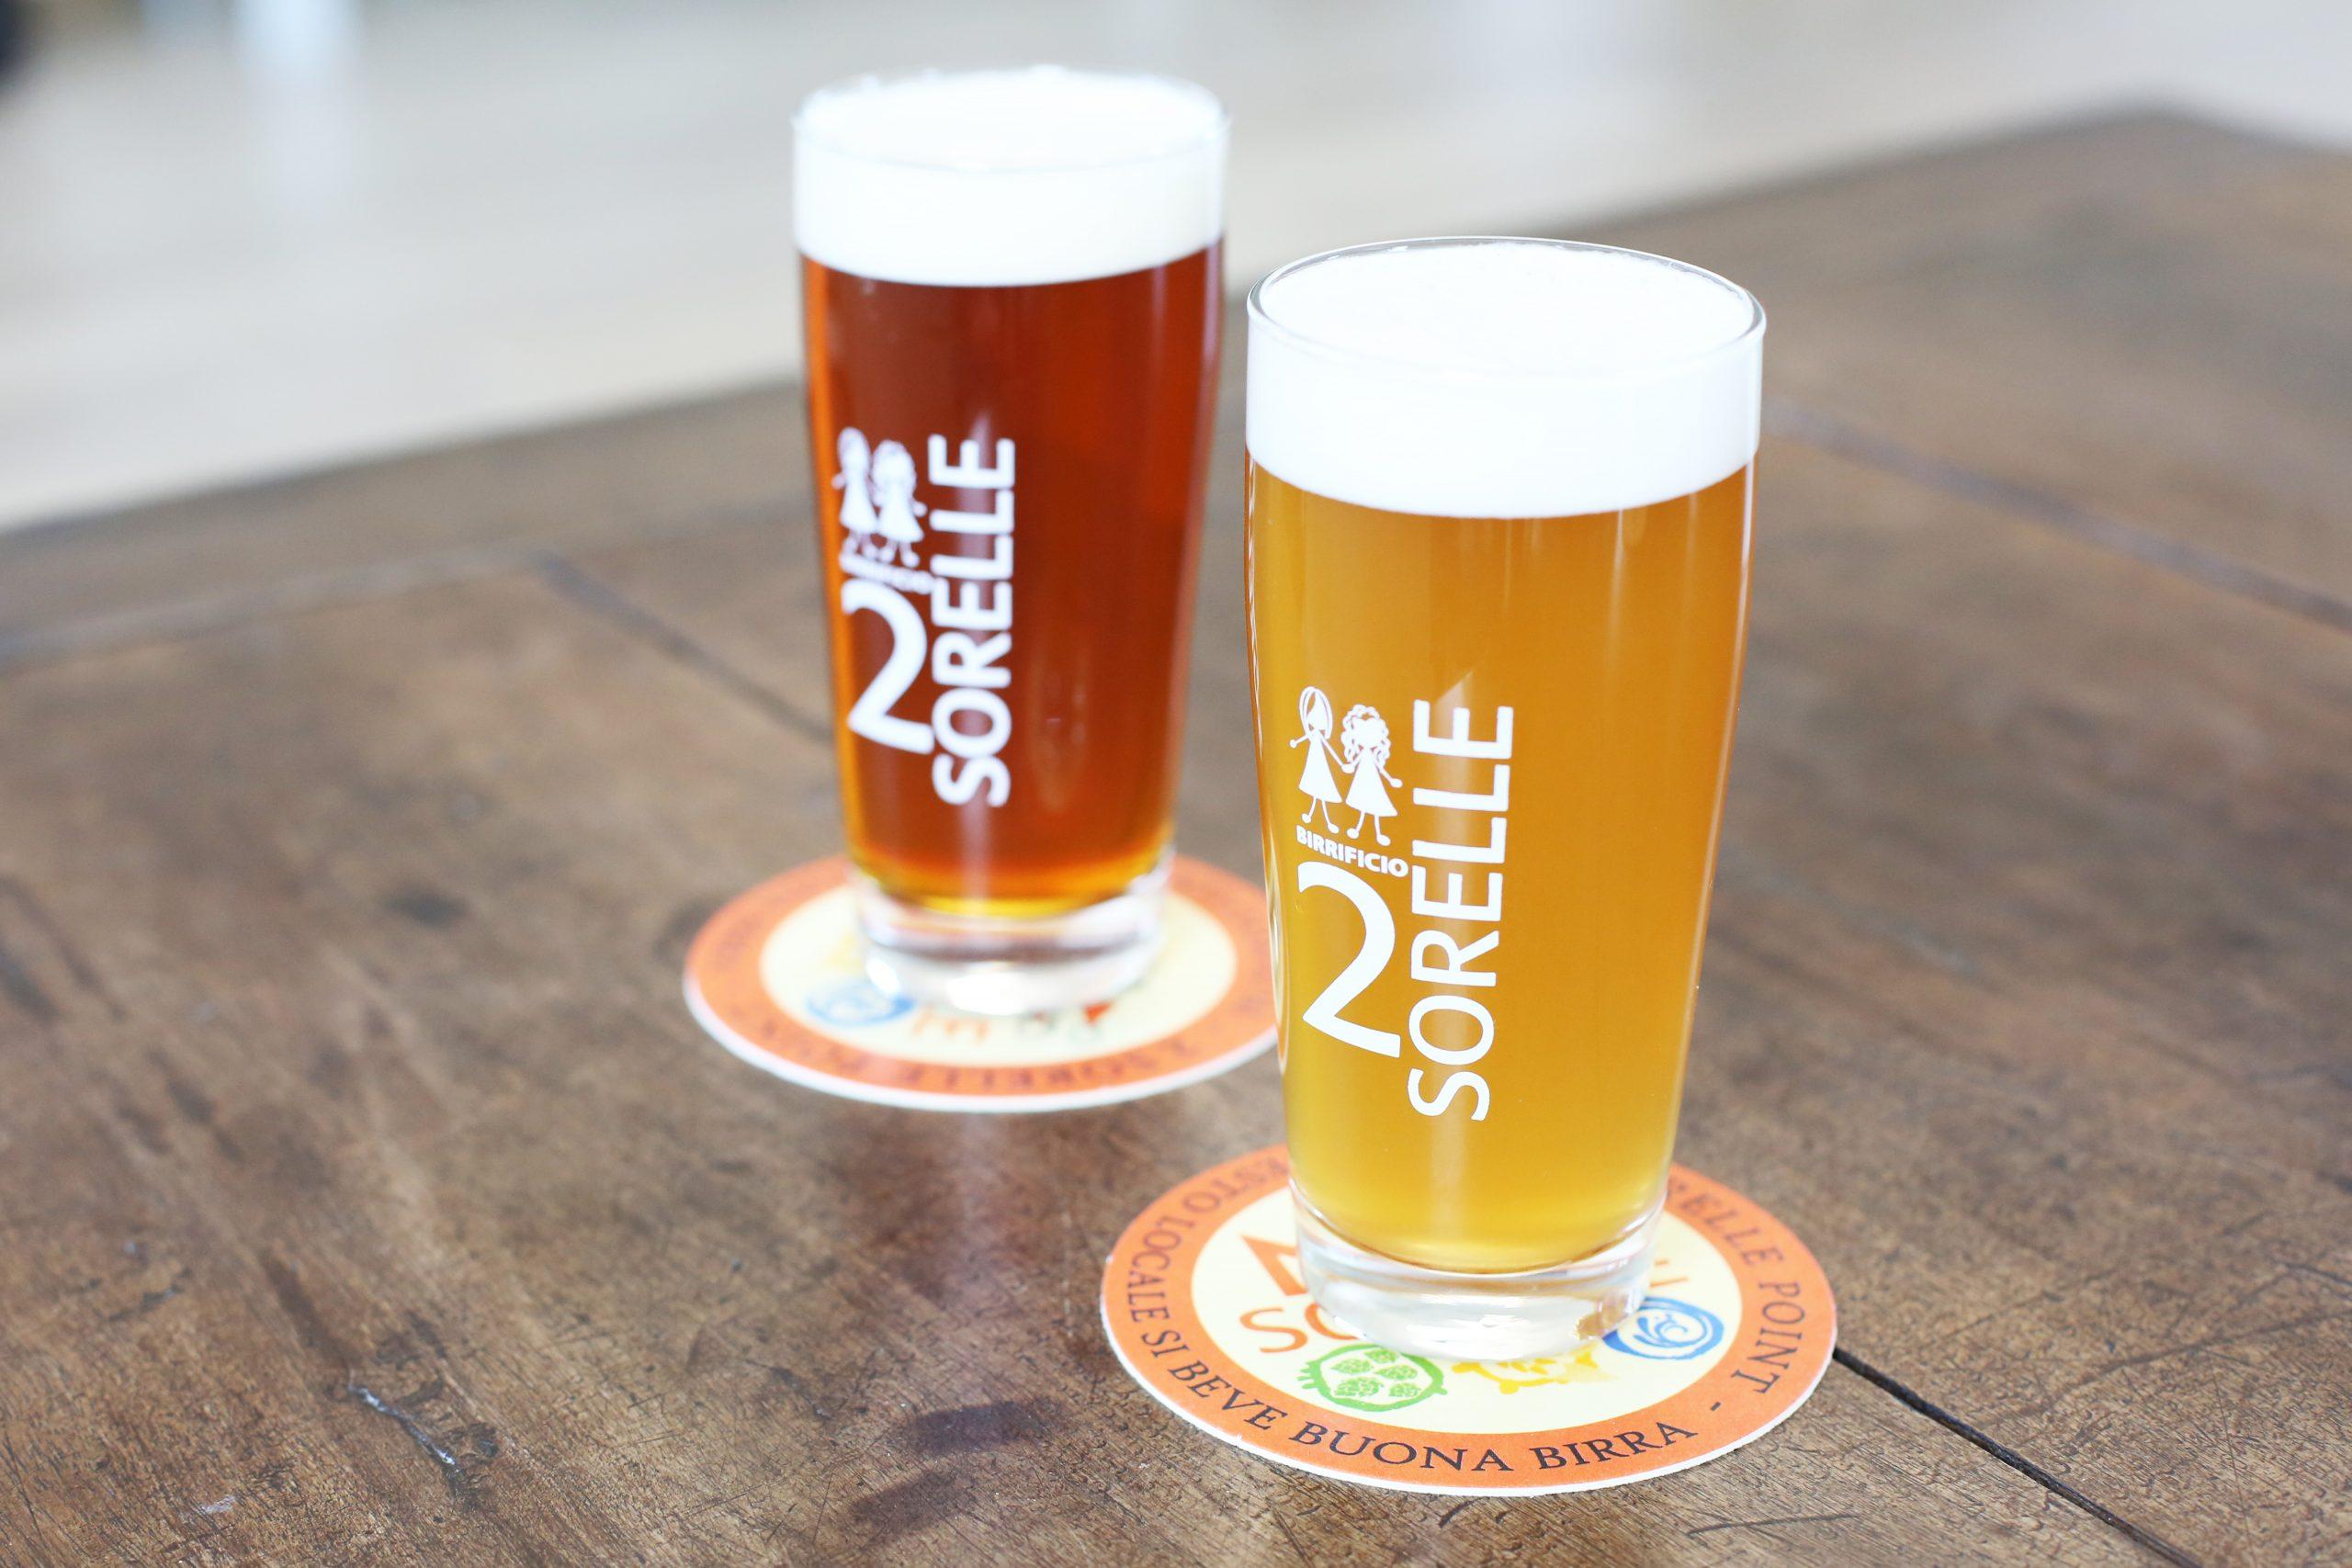 Amber Ale Blonde Beer Brewer 2Sorelle Italian Piedmont Delights